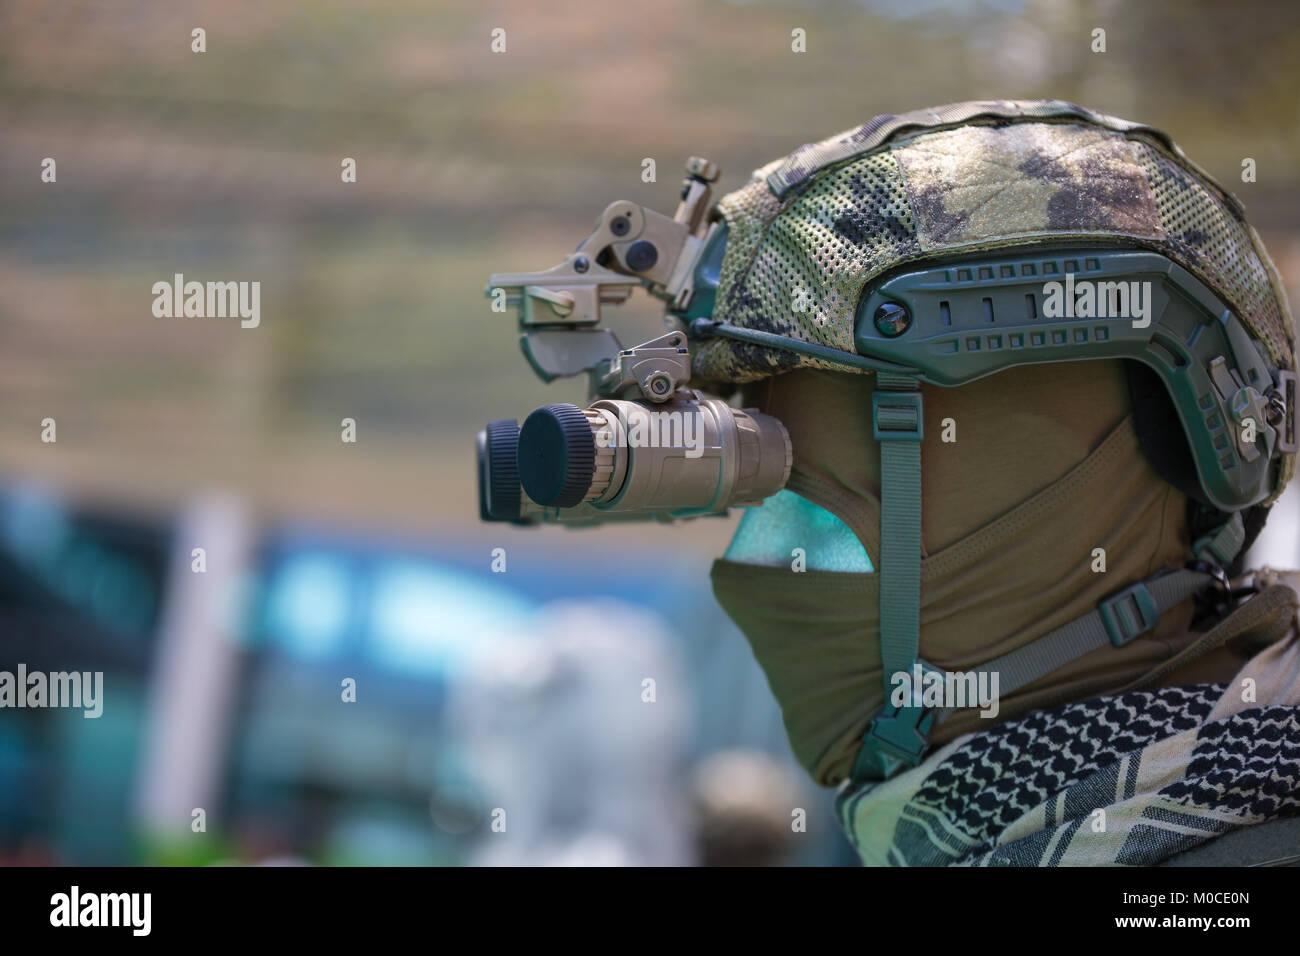 Binokulares nachtsichtgerät auf militärischen helm stockfoto bild